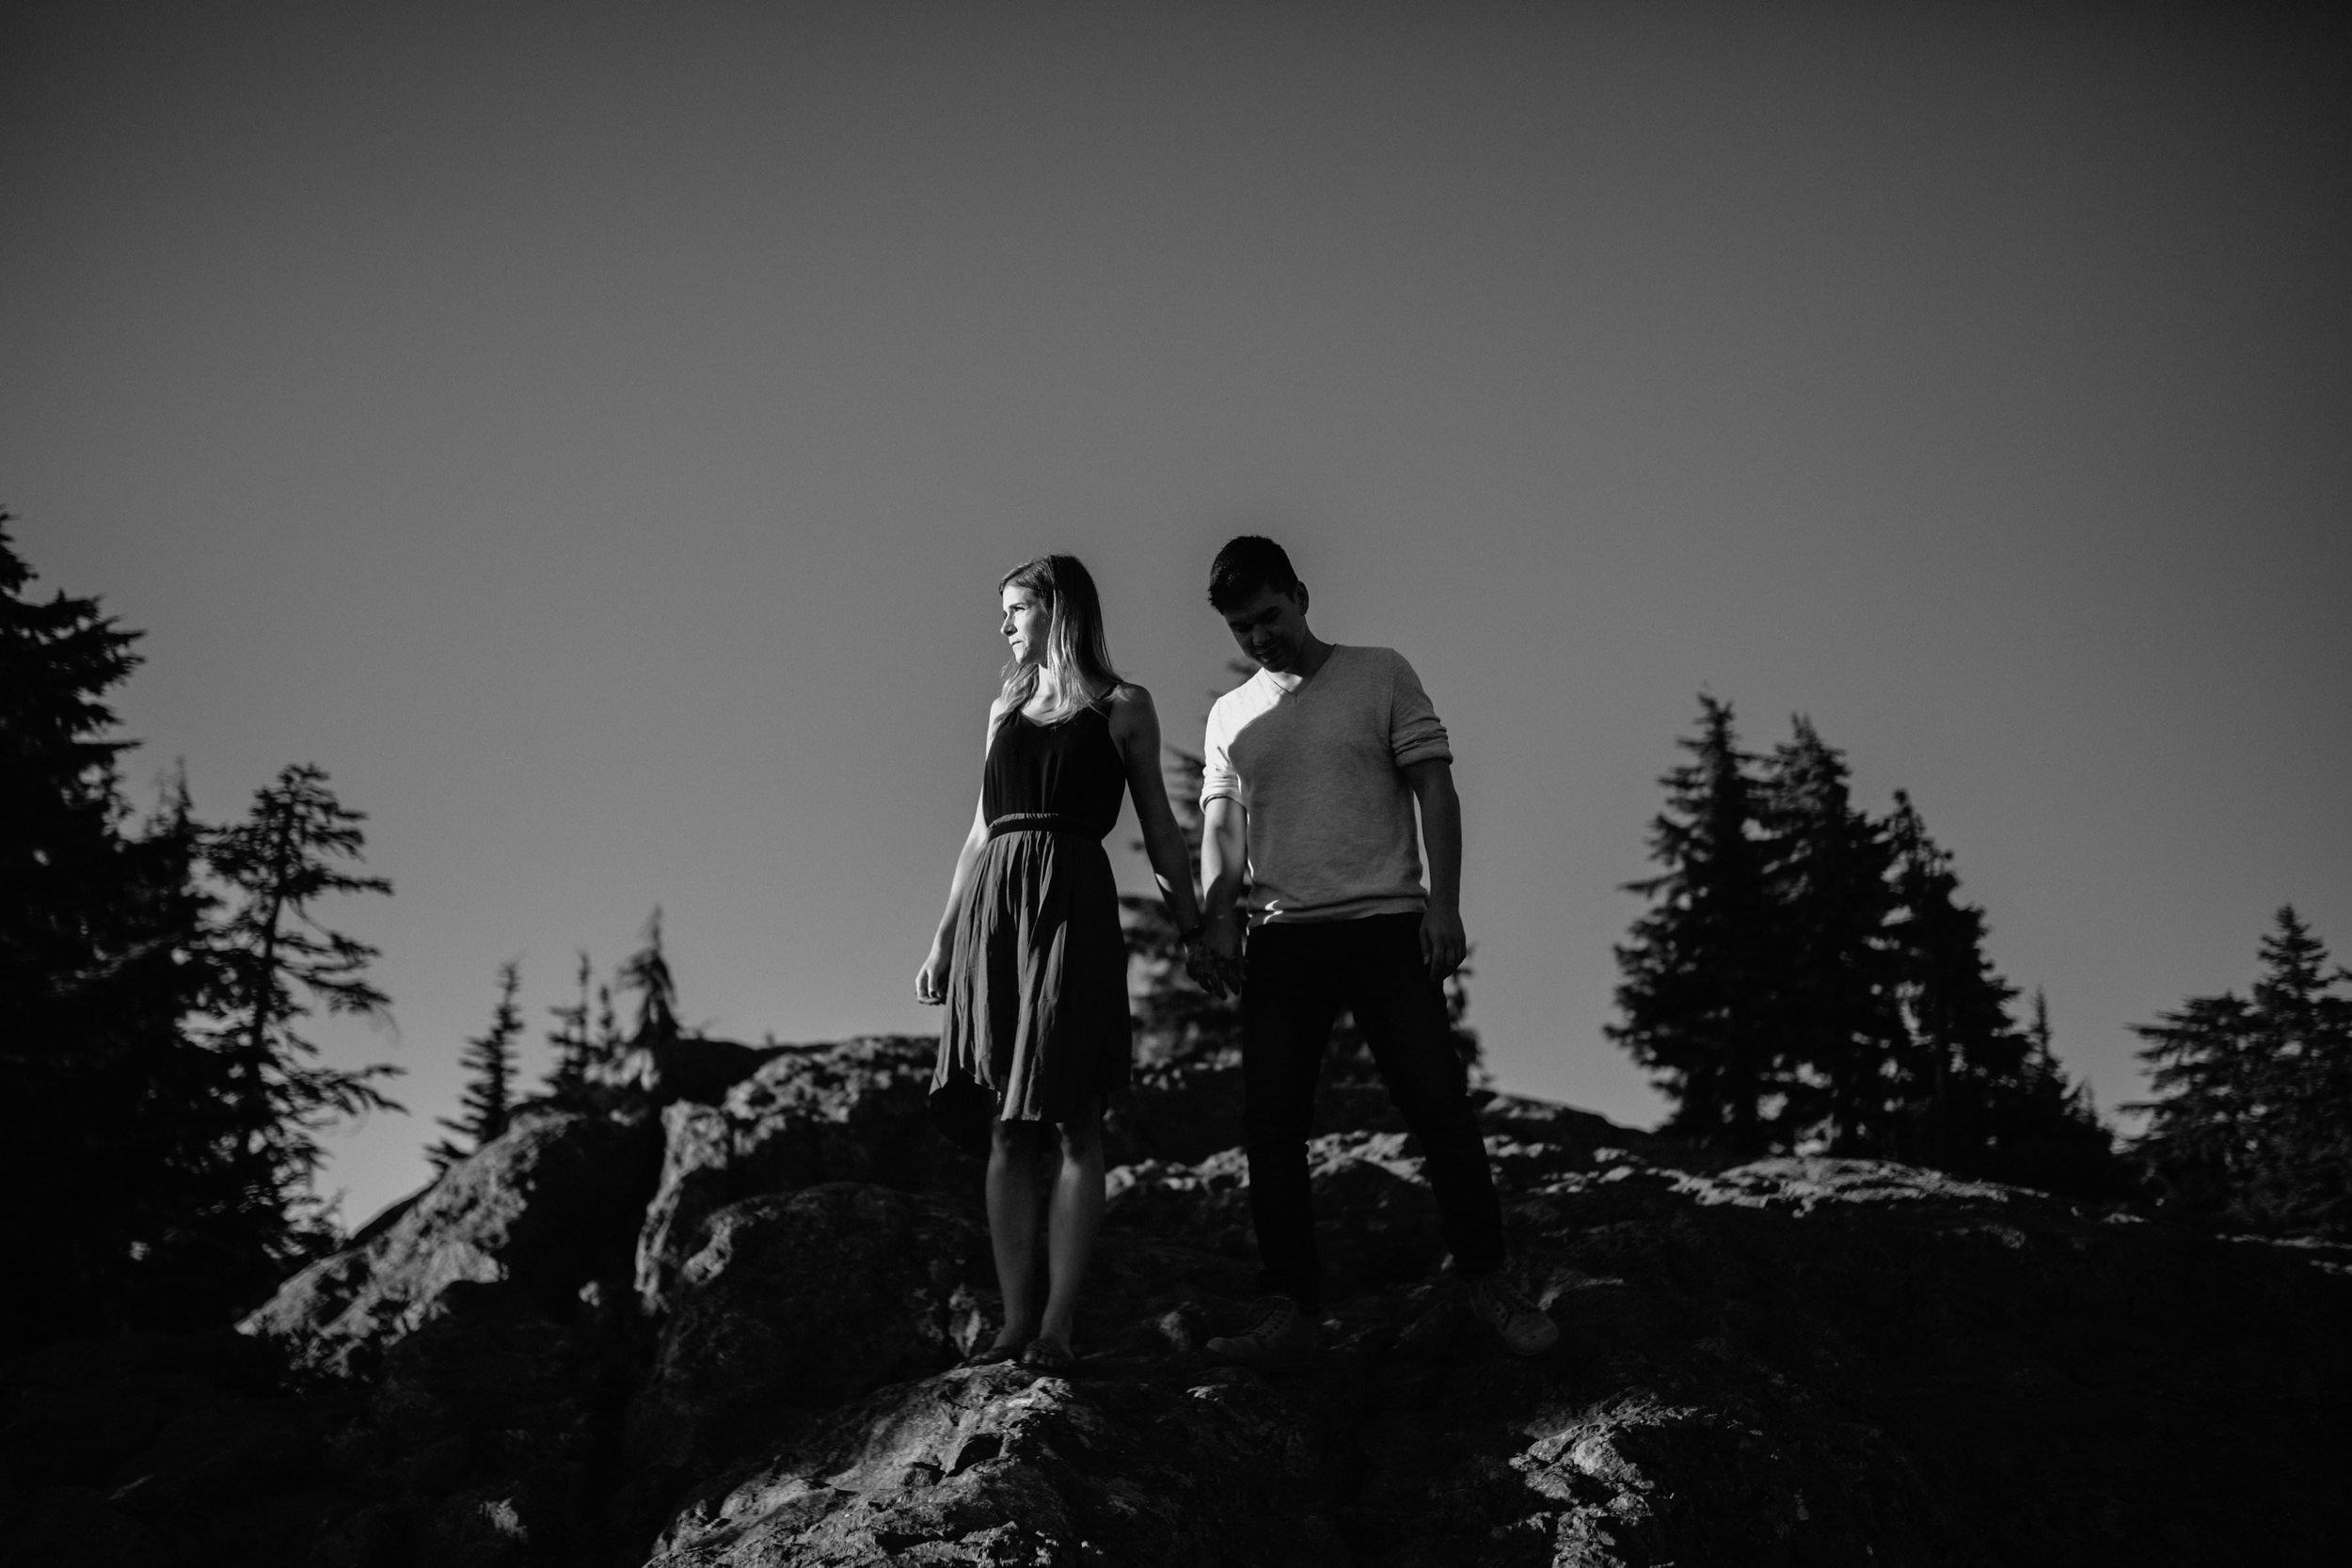 brennalouisephotography-hikingadventureweddingphotography